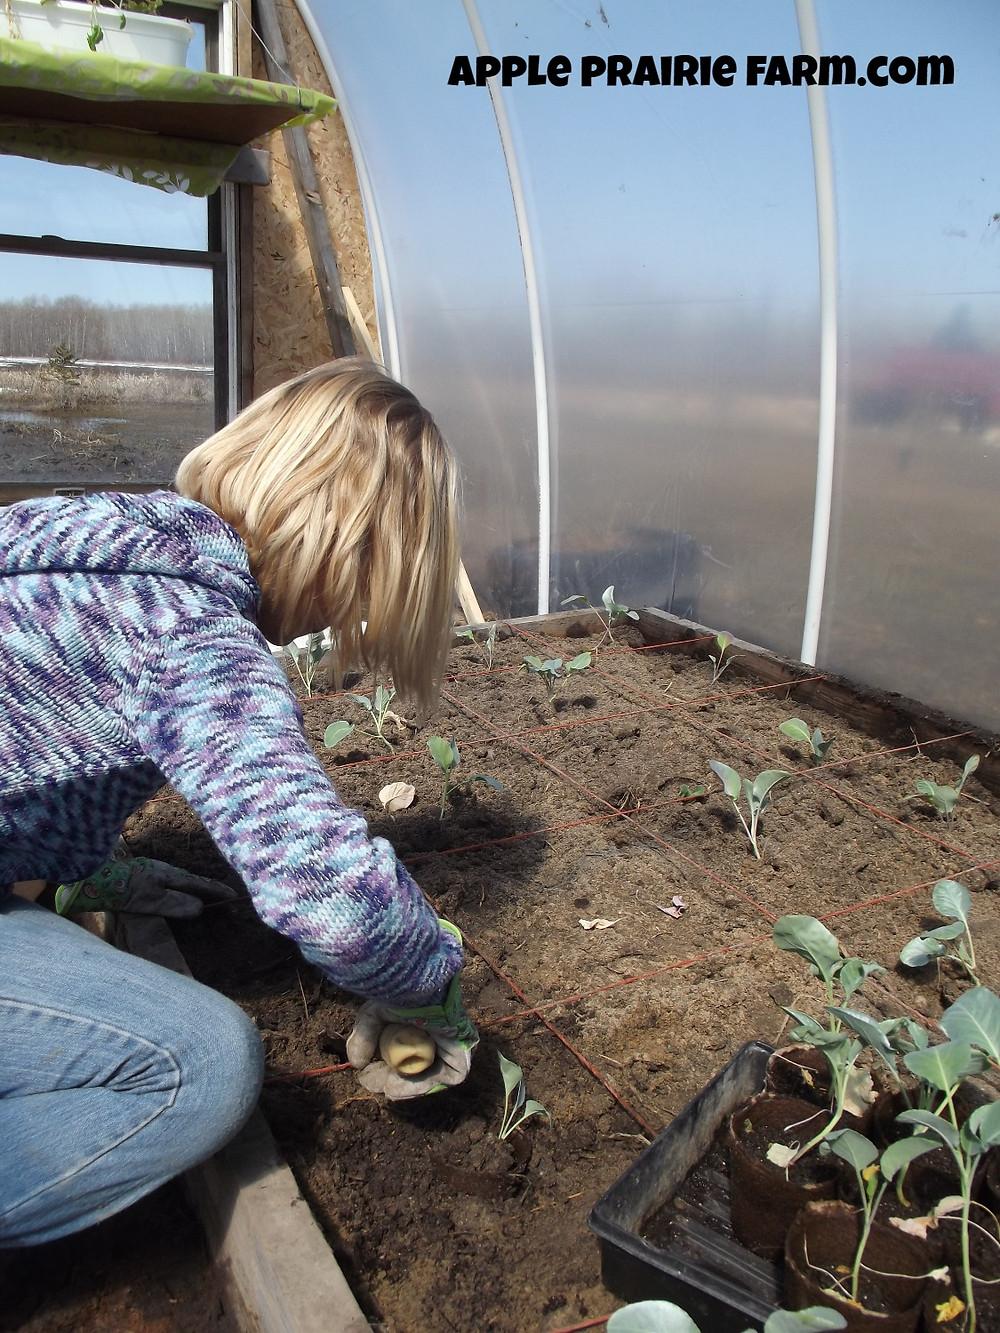 Apple Prairie Farm, Hoop house, broccoli, cauliflower